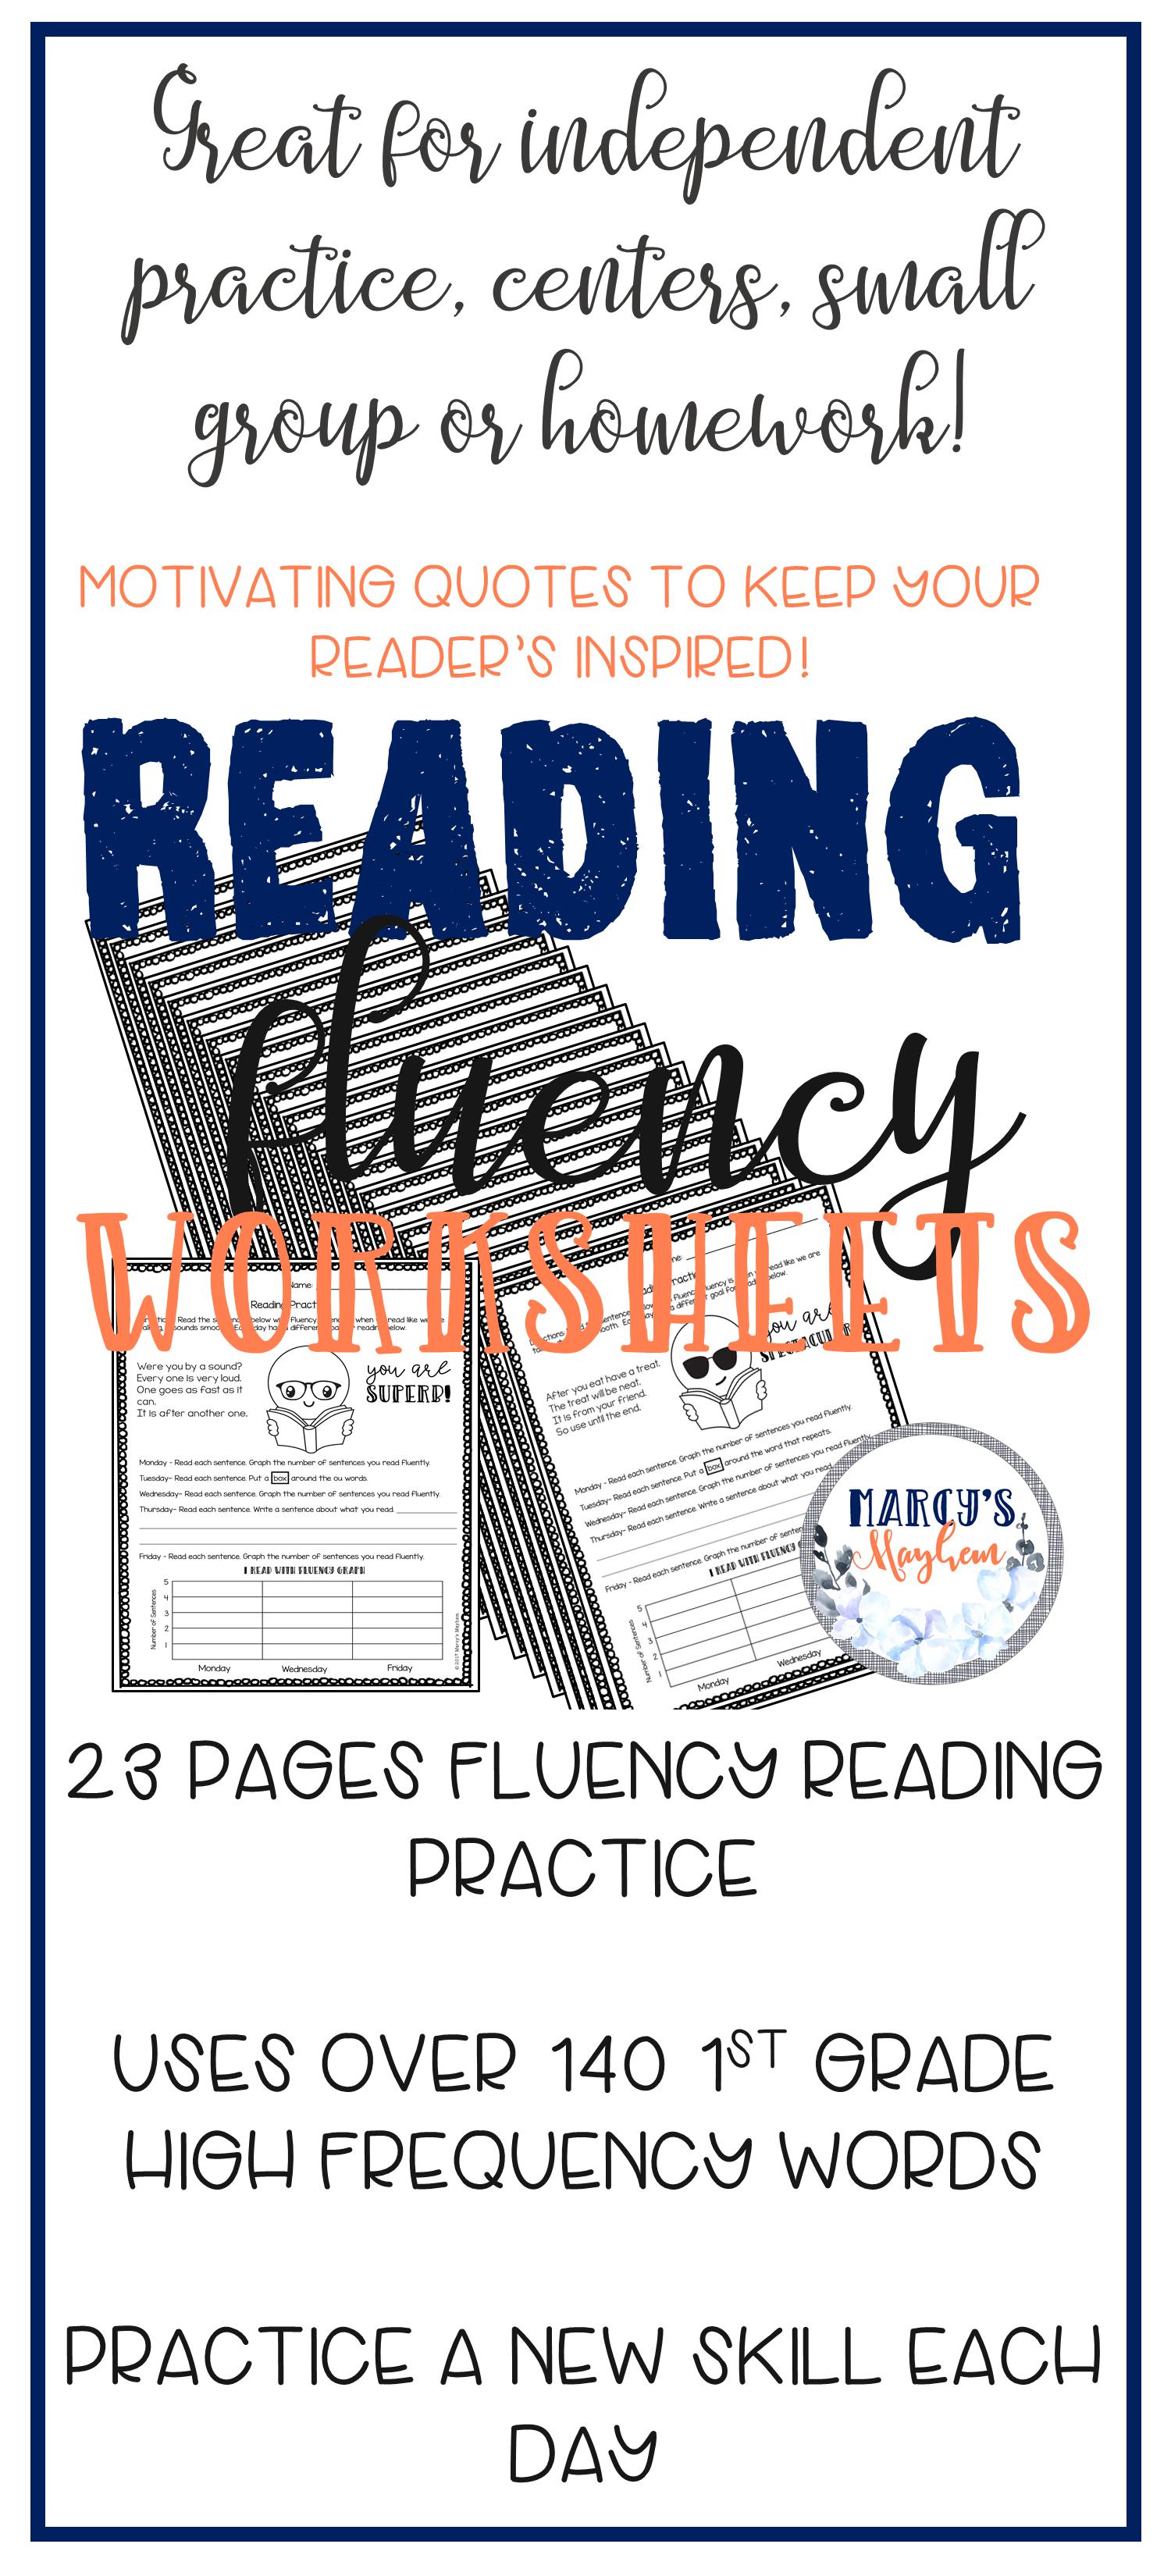 Reading Fluency Practice For 1st Grade